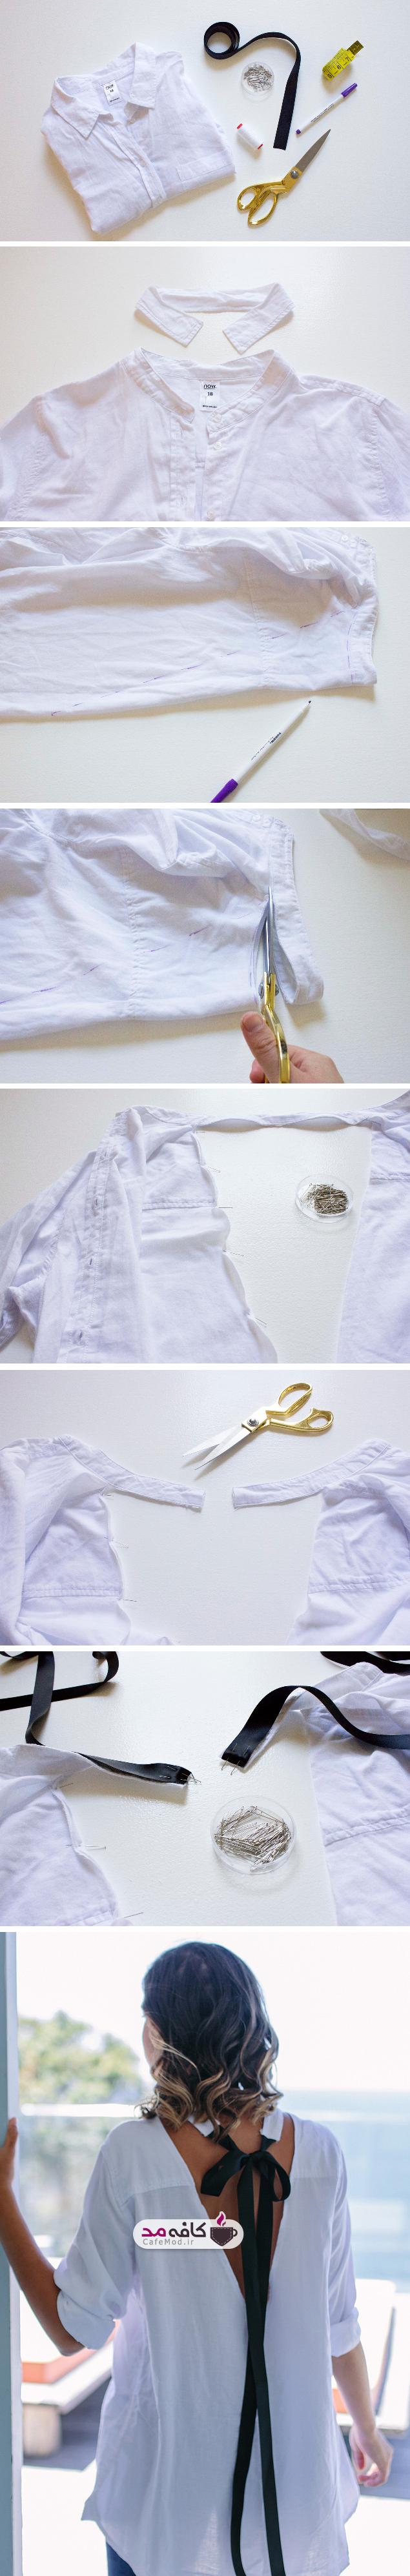 آموزش تغییر پیراهن ساده